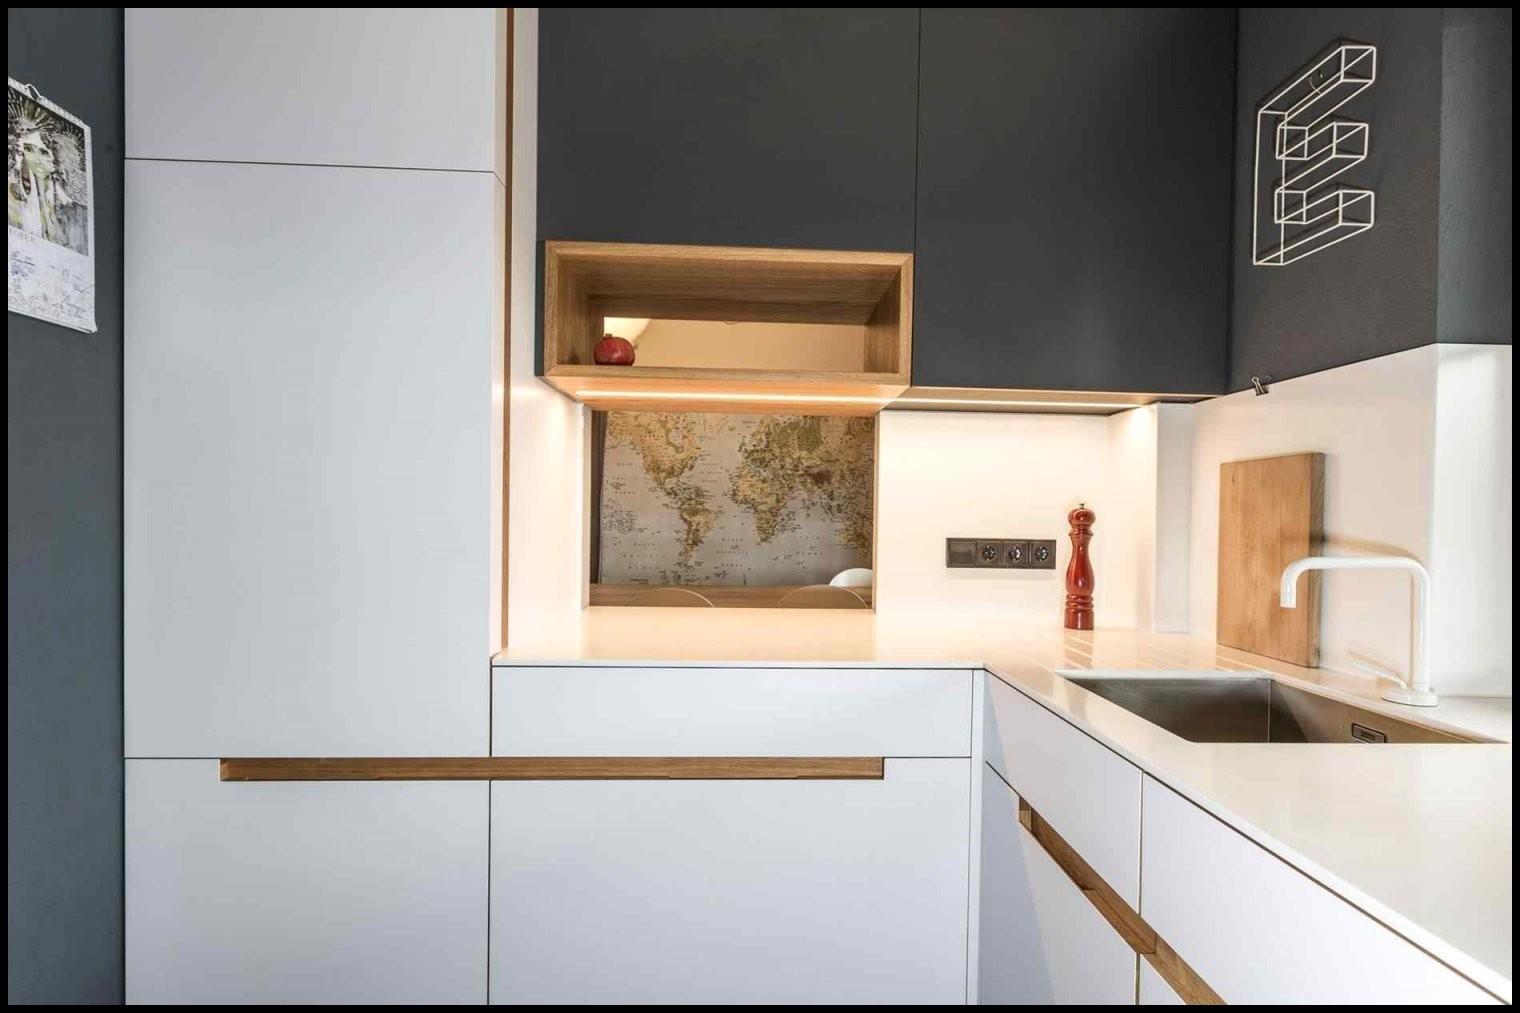 Küche Landhausstil Selber Bauen 94609  Deko Idee Ideen von Sitzbank Küche Selber Bauen Photo